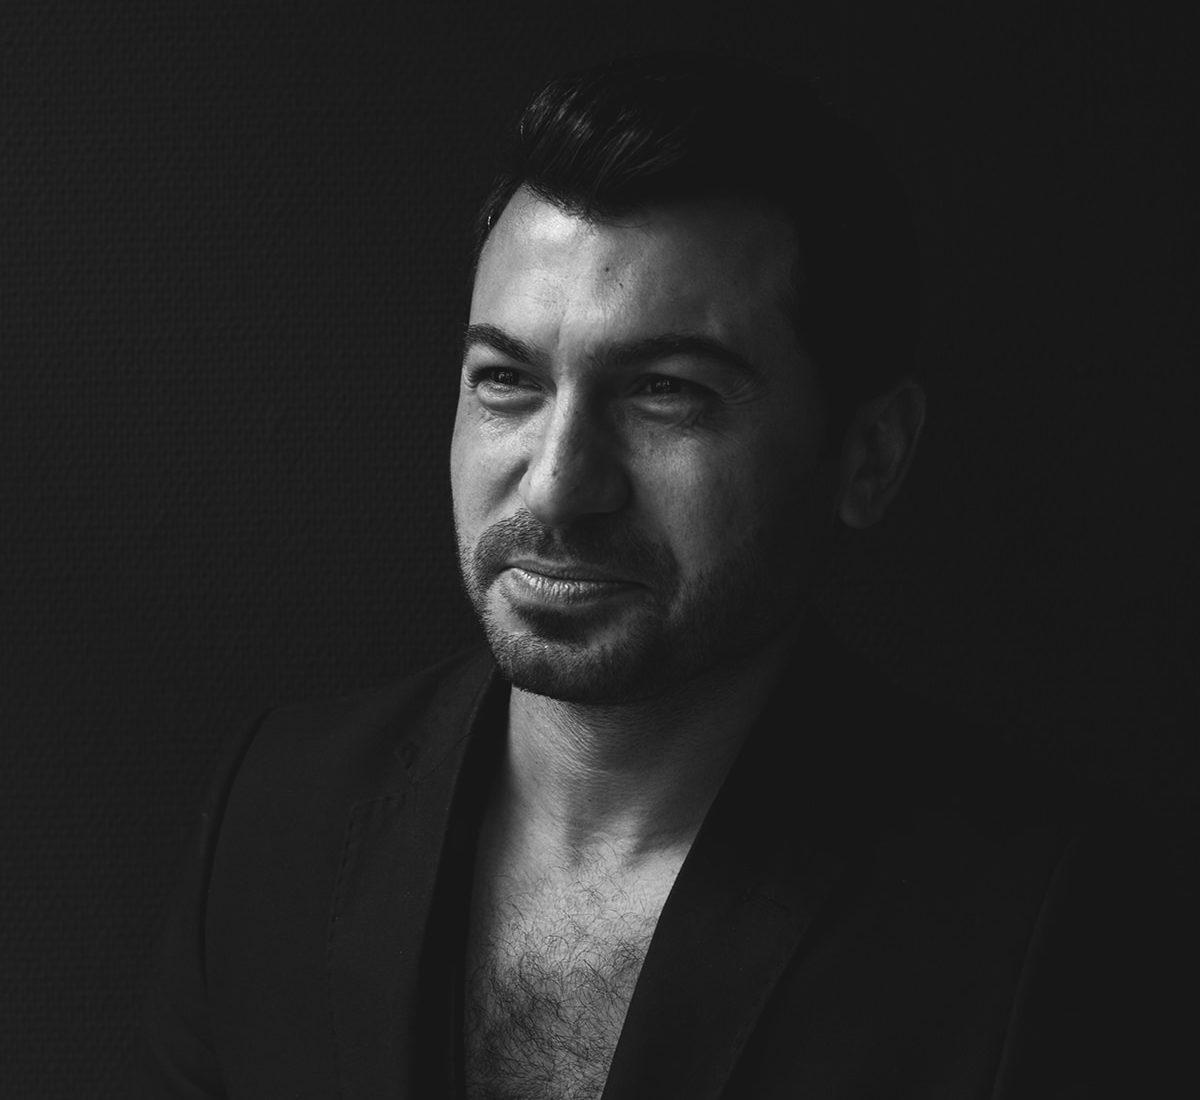 Mesut Durdas